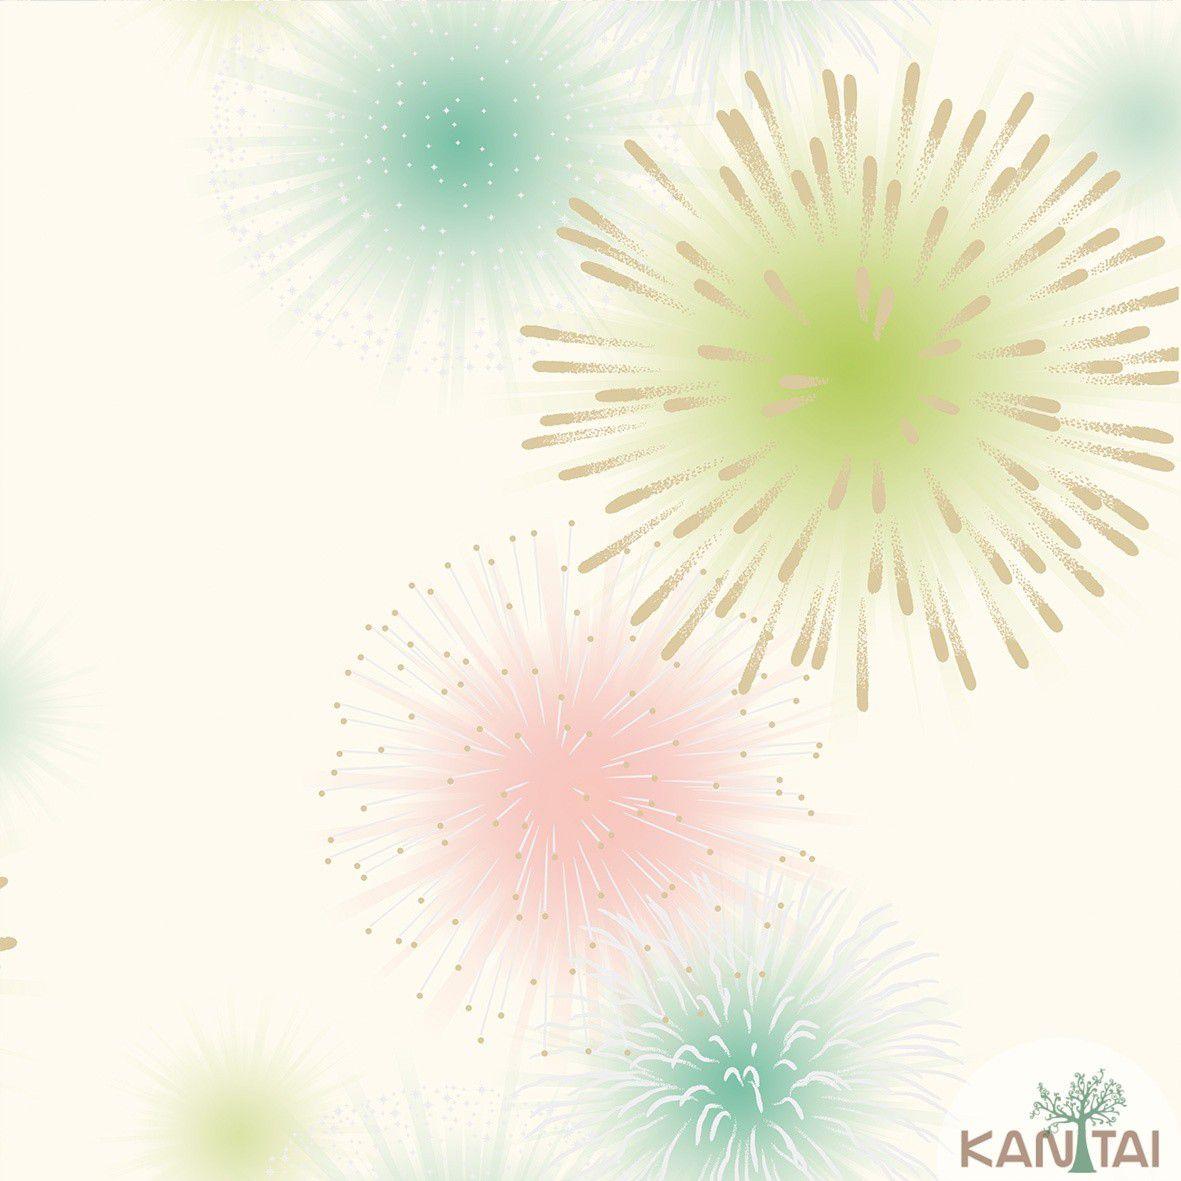 Papel de Parede  Kan Tai Vinilico Coleção Neonature III 3D Fogos e Artifícios Creme, Azul, Rosa